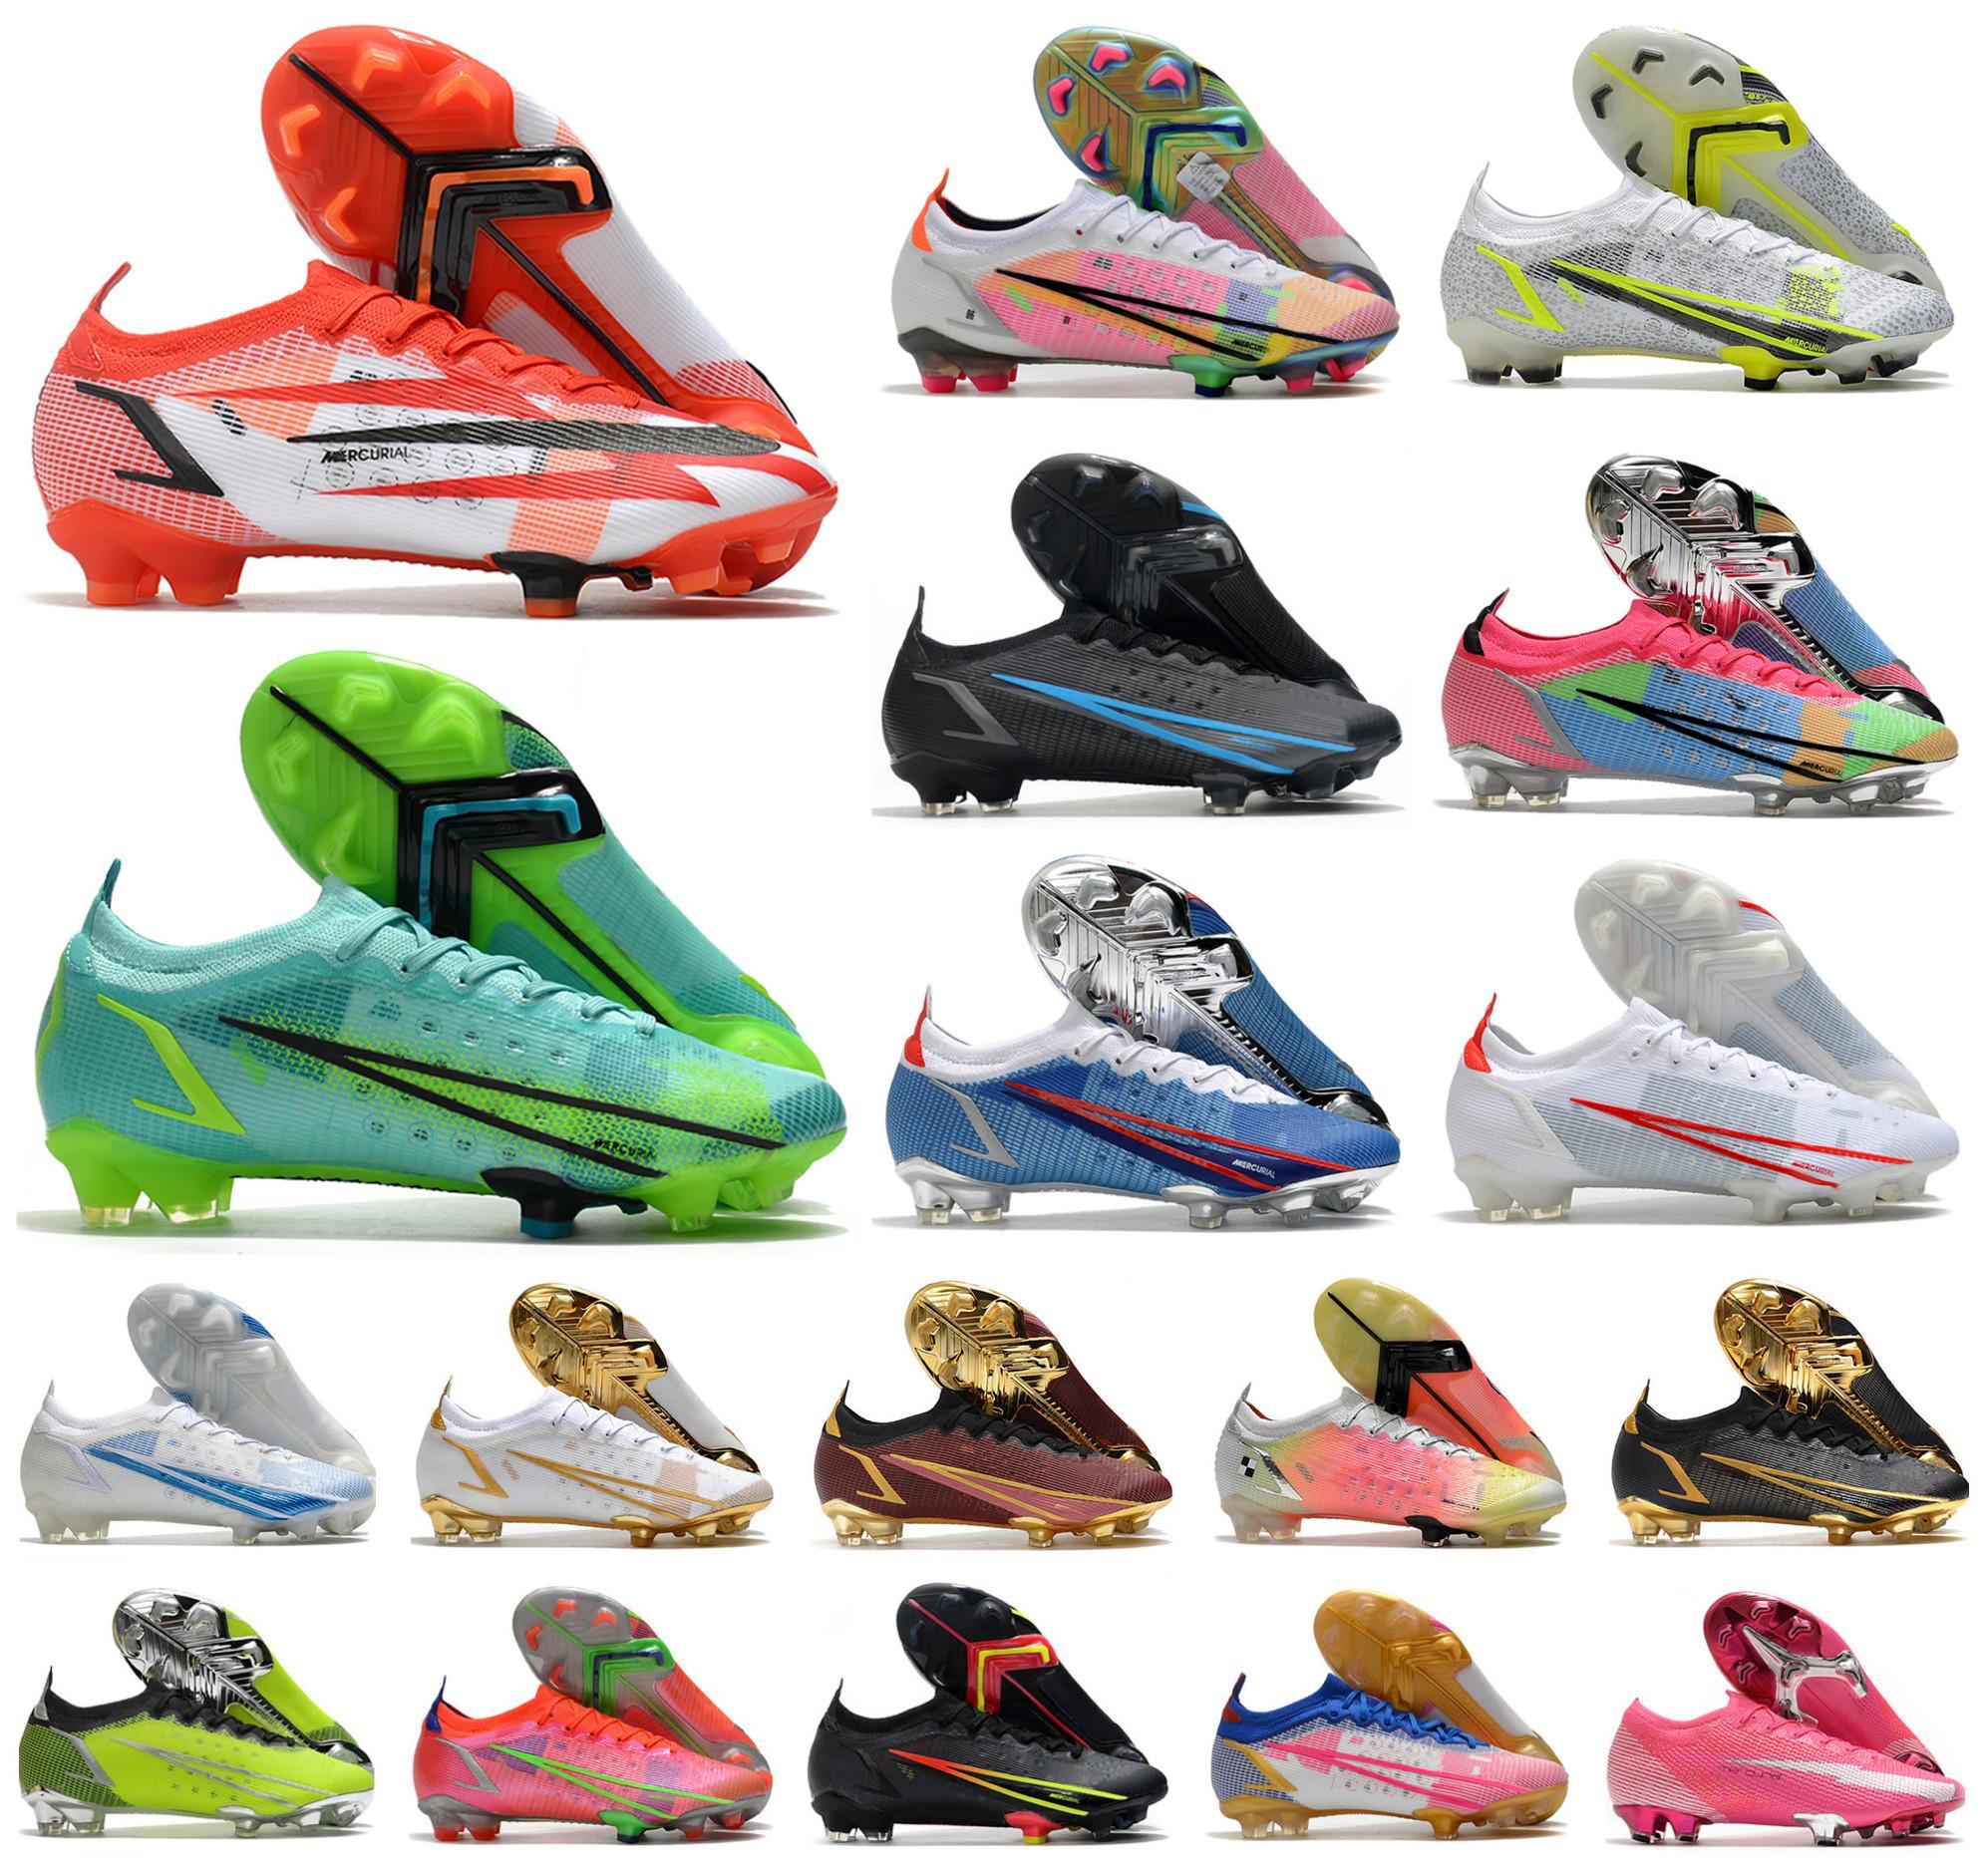 2021 Erkekler VA Pors Yusufçuk XIV 14 360 Elite FG Futbol Ayakkabı SE CR7 Ronaldo Impulse Paketi MDS 004 Düşük Kadınlar Çocuklar Futbol Çizmeler Cleats Boyutu 39-45